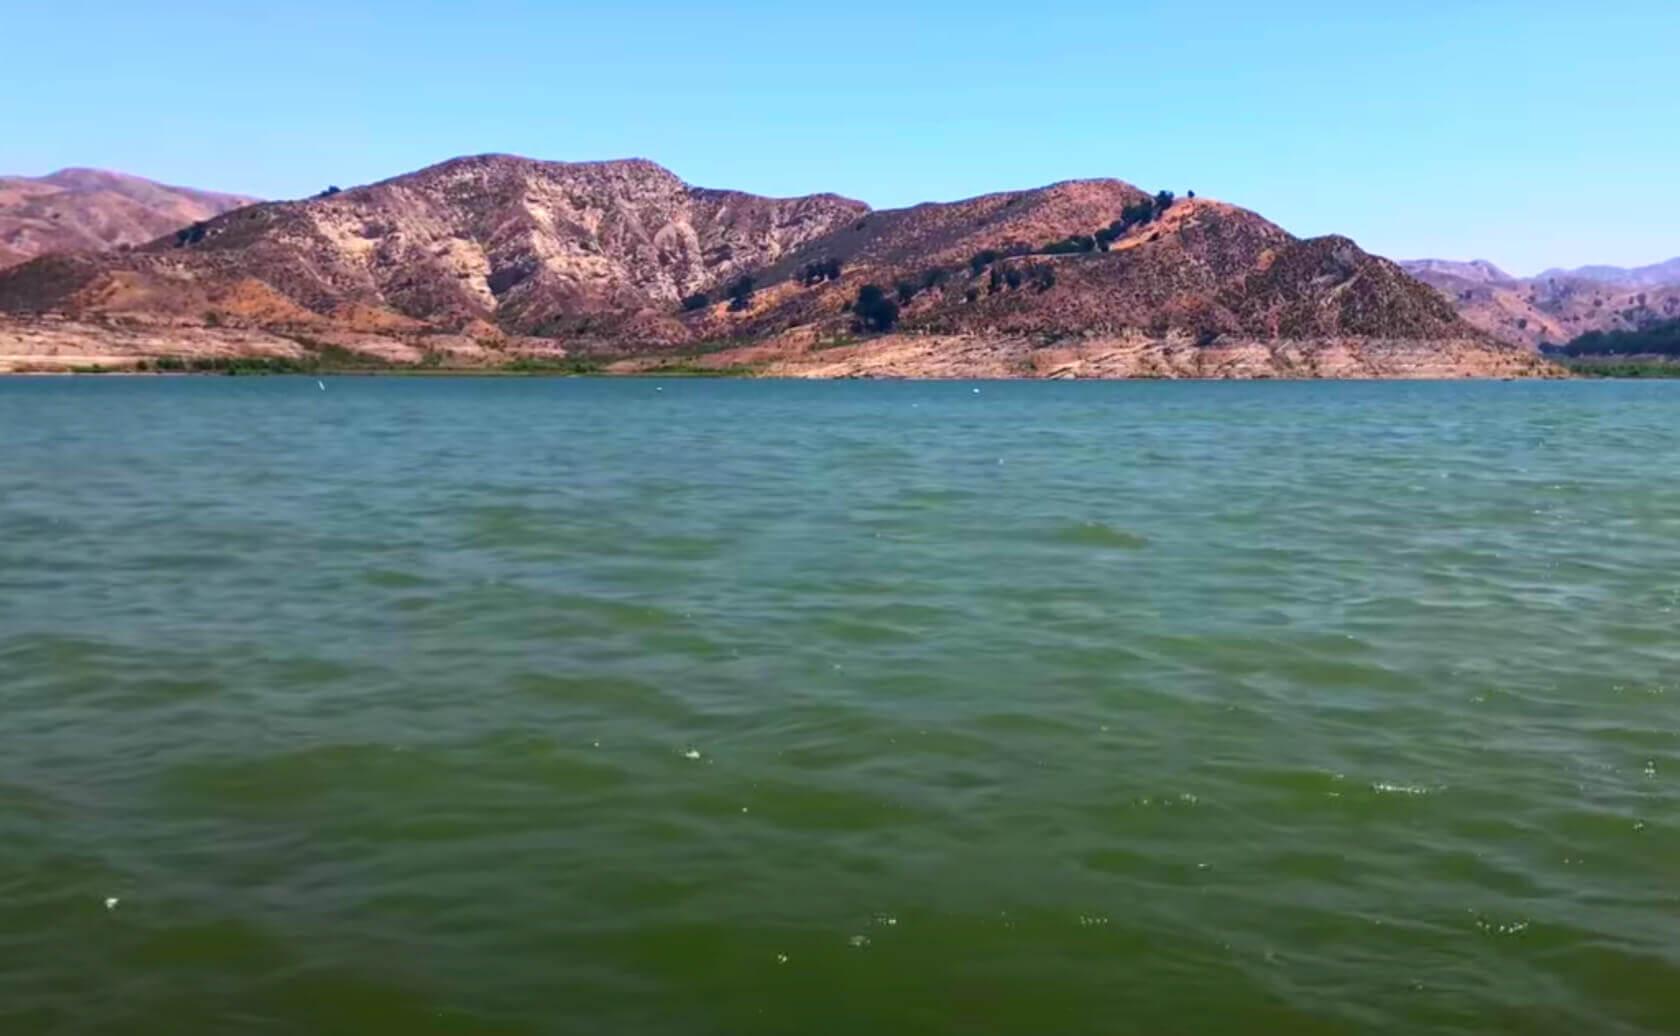 Piru-Lake-Fishing-Guide-Report-California-05